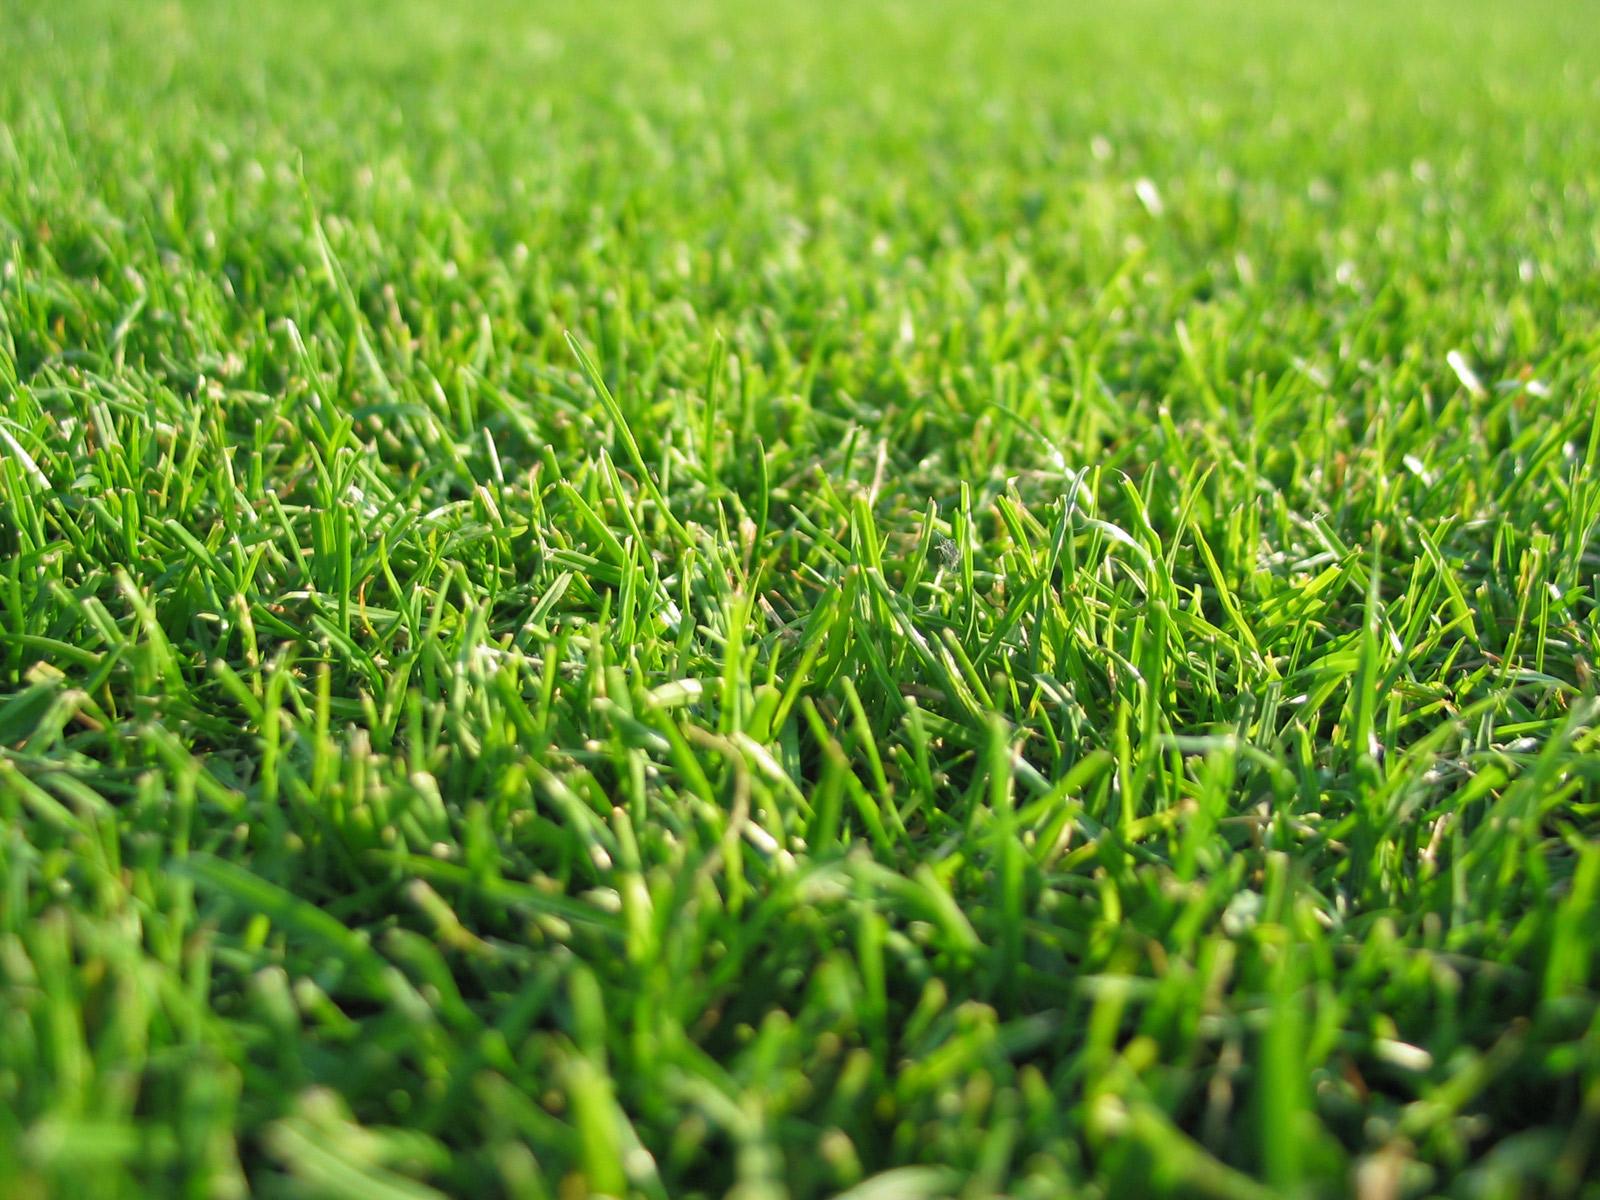 lovely grass wallpaper